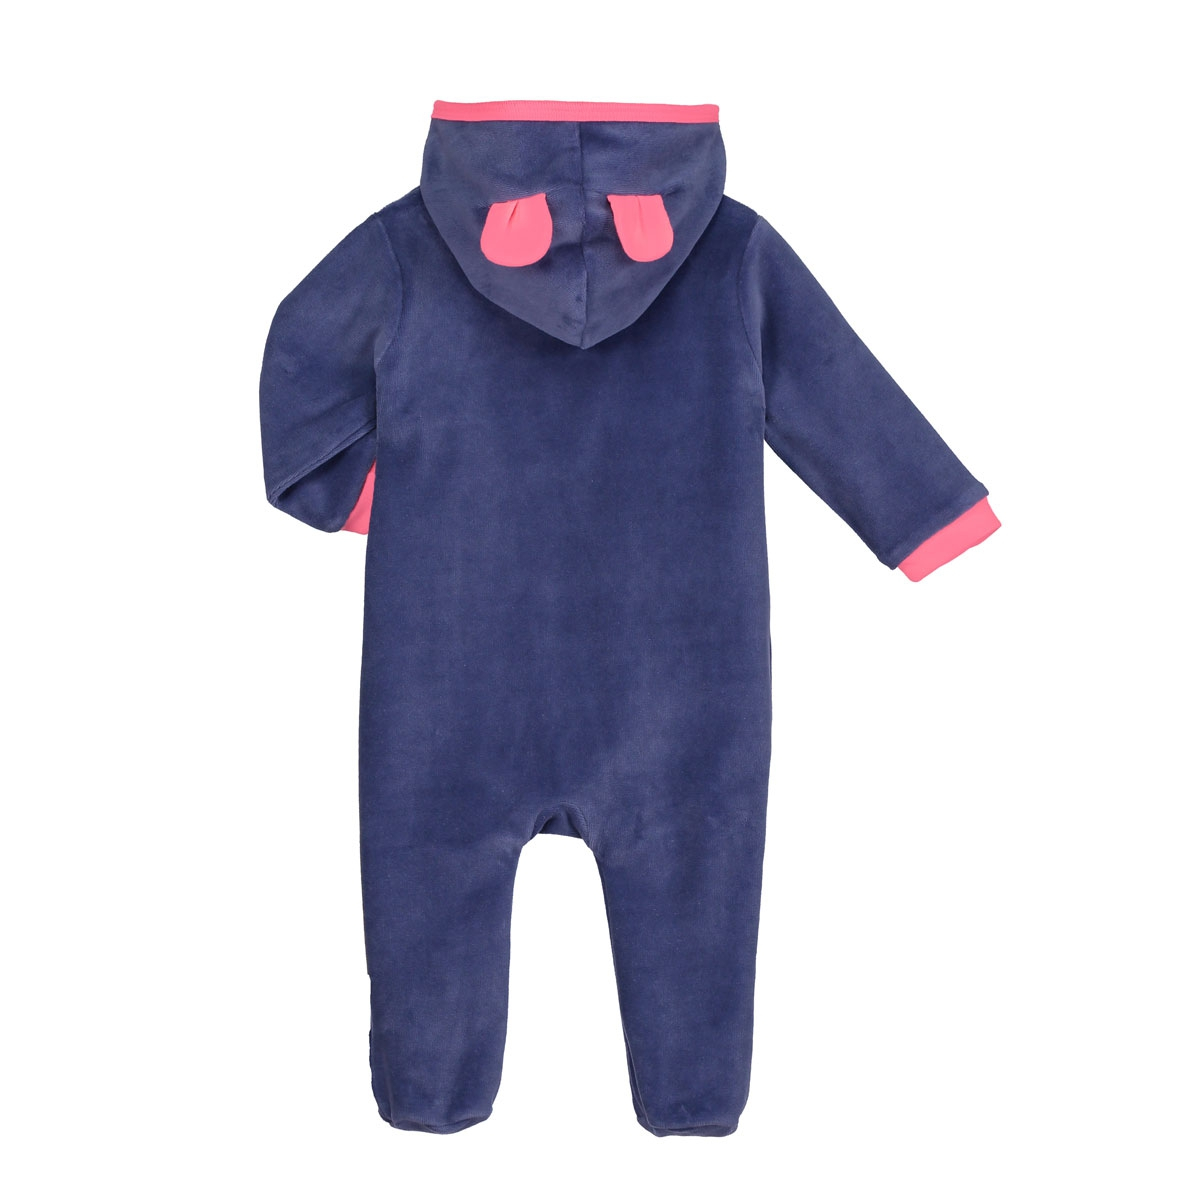 26348ecfb8081 Surpyjama bébé velours Maronette - PETIT BEGUIN